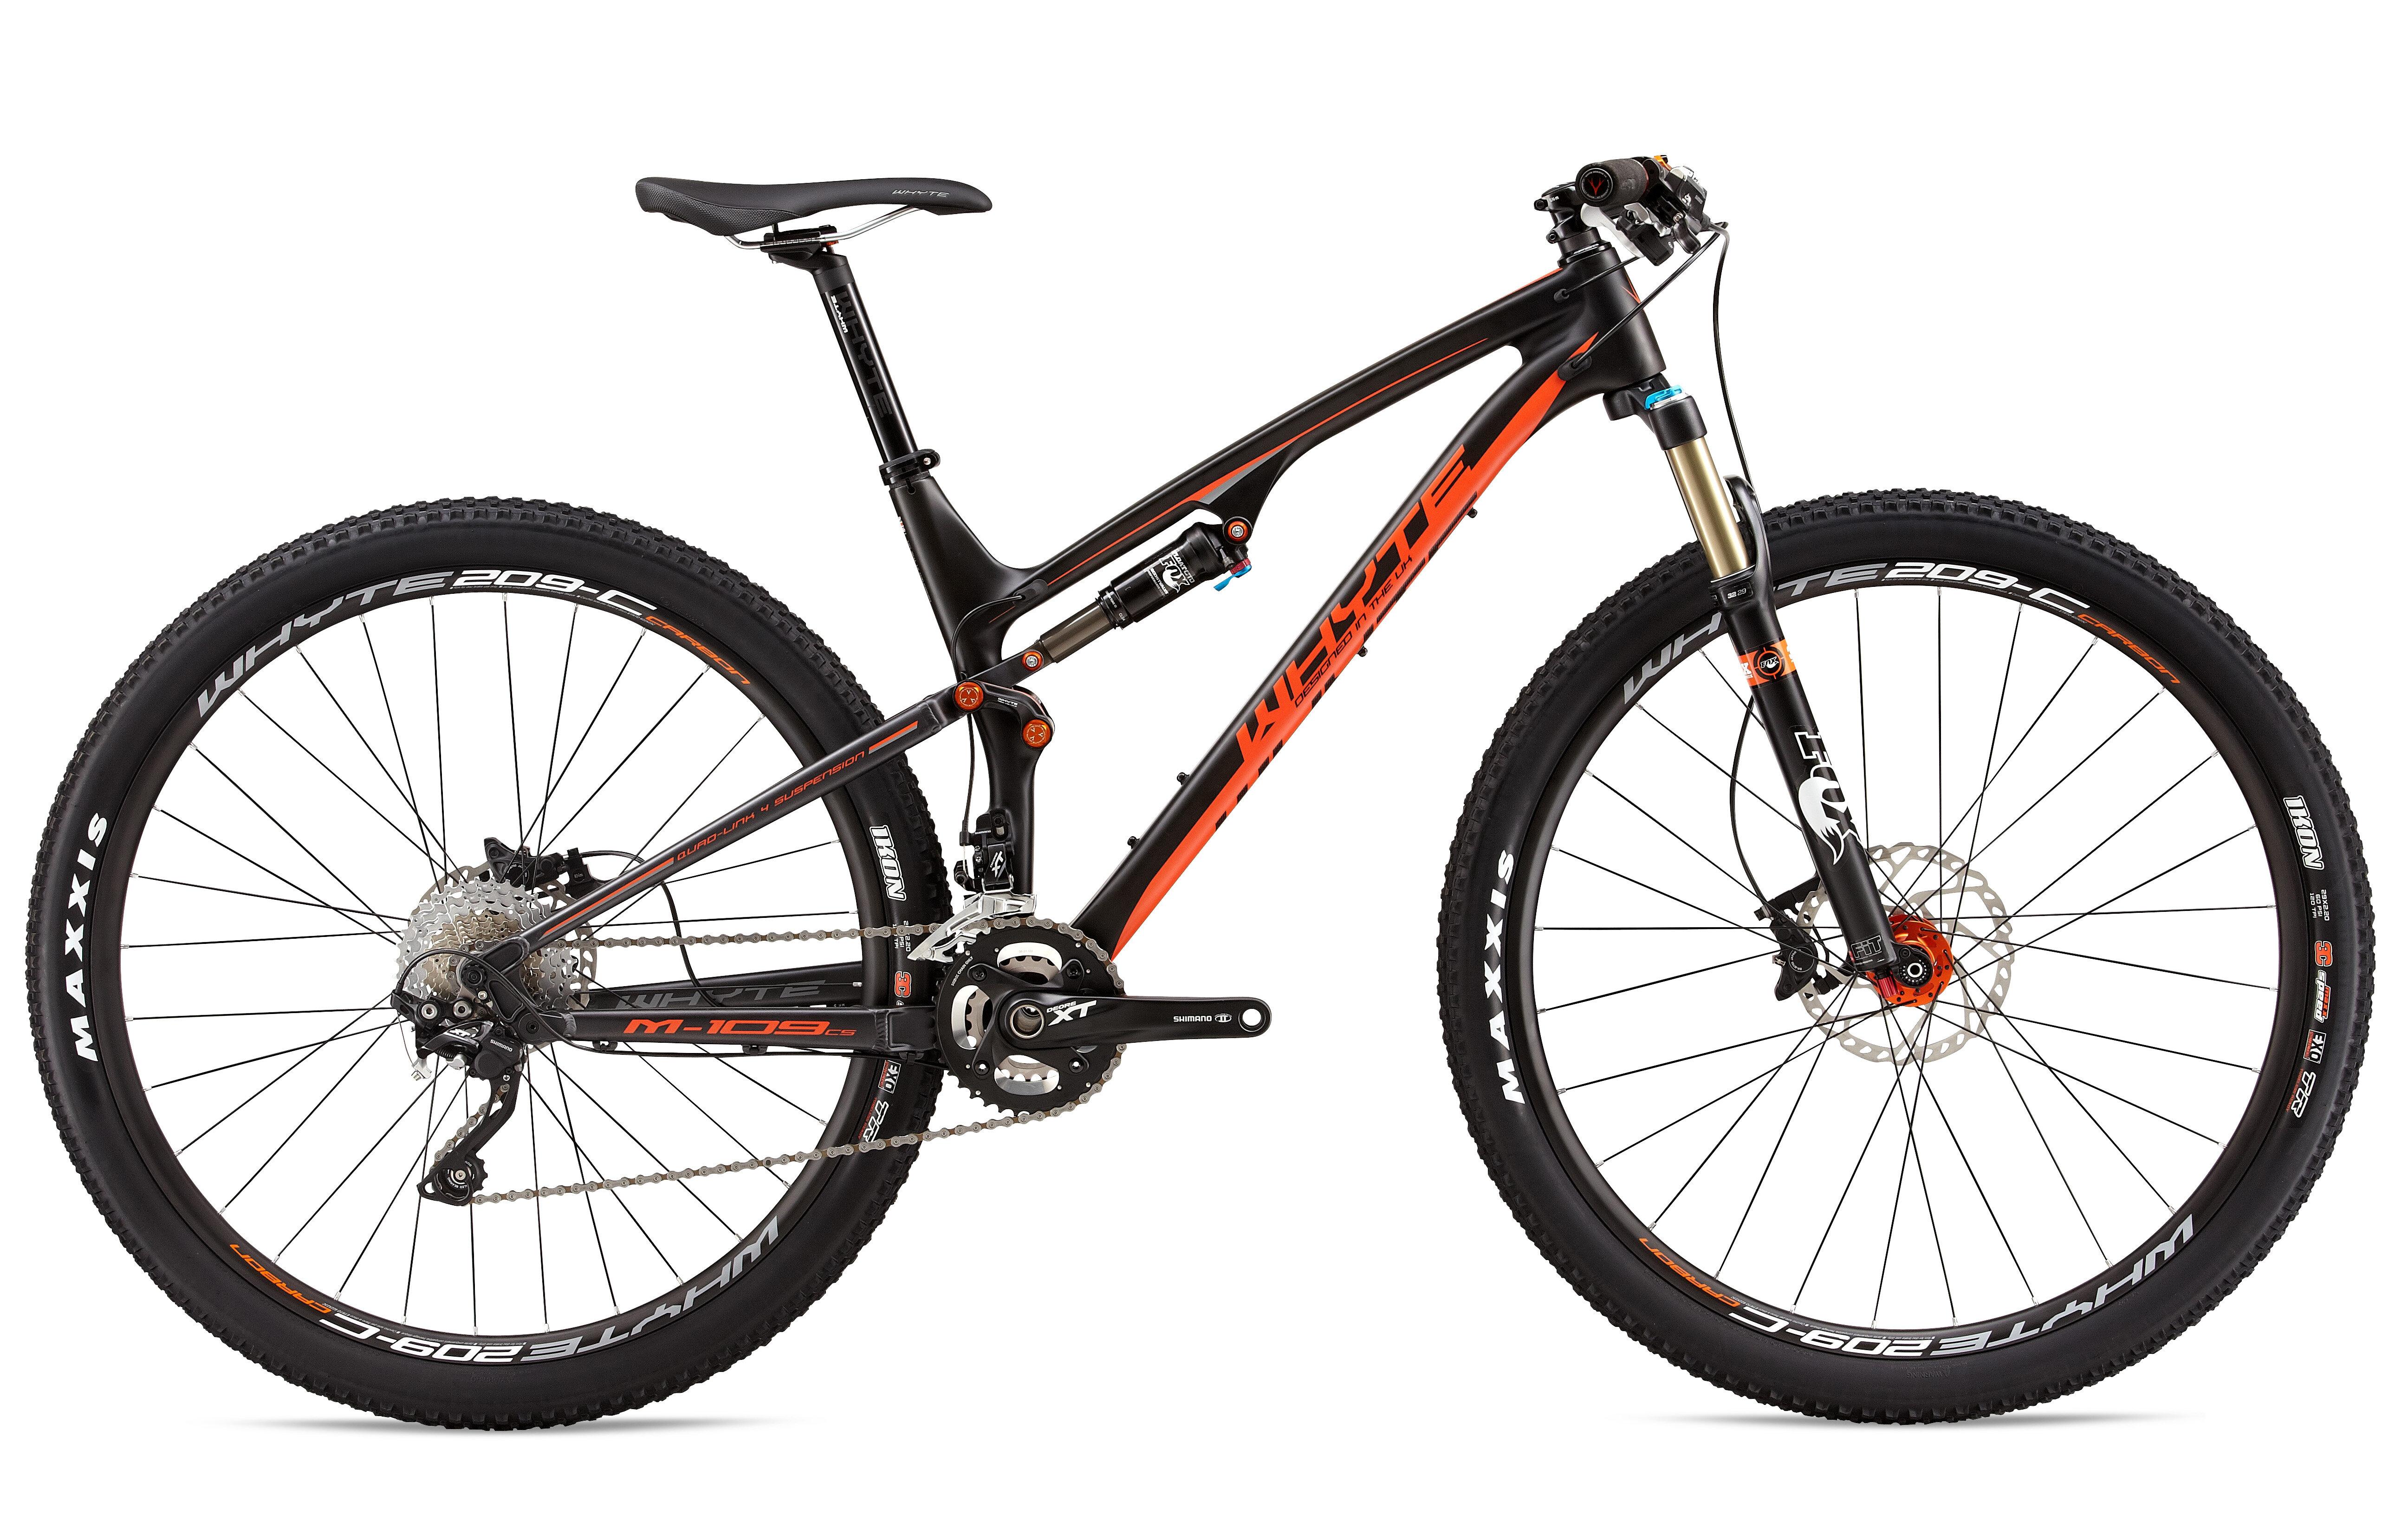 Xe đạp MTB dạng băng đồng là gì?